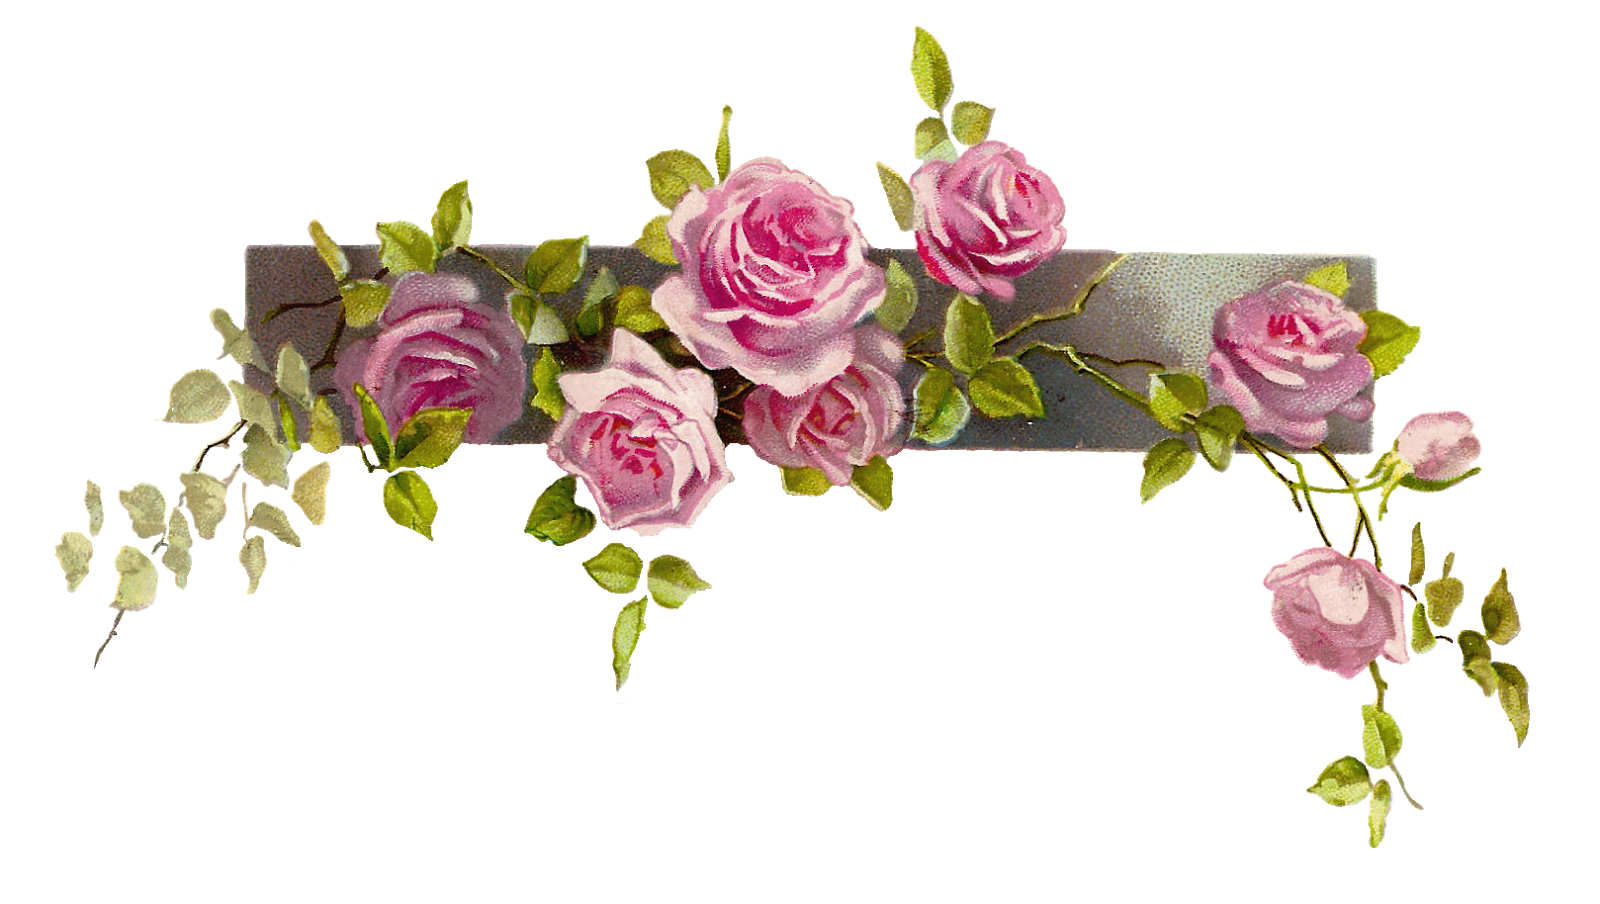 Clipart roses borders. Flower border vintage rose